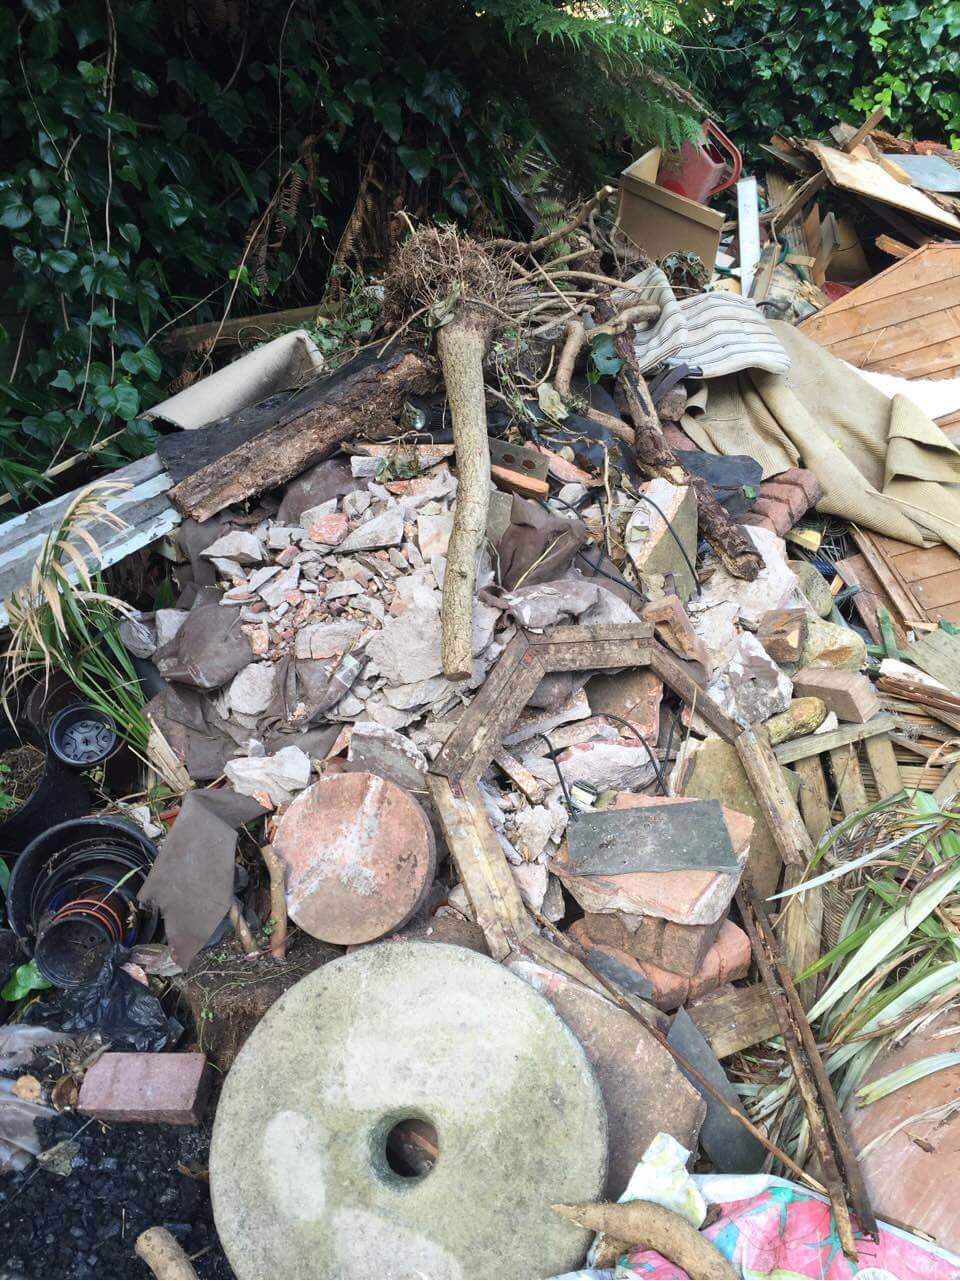 Chingford Rubbish Collectors E4